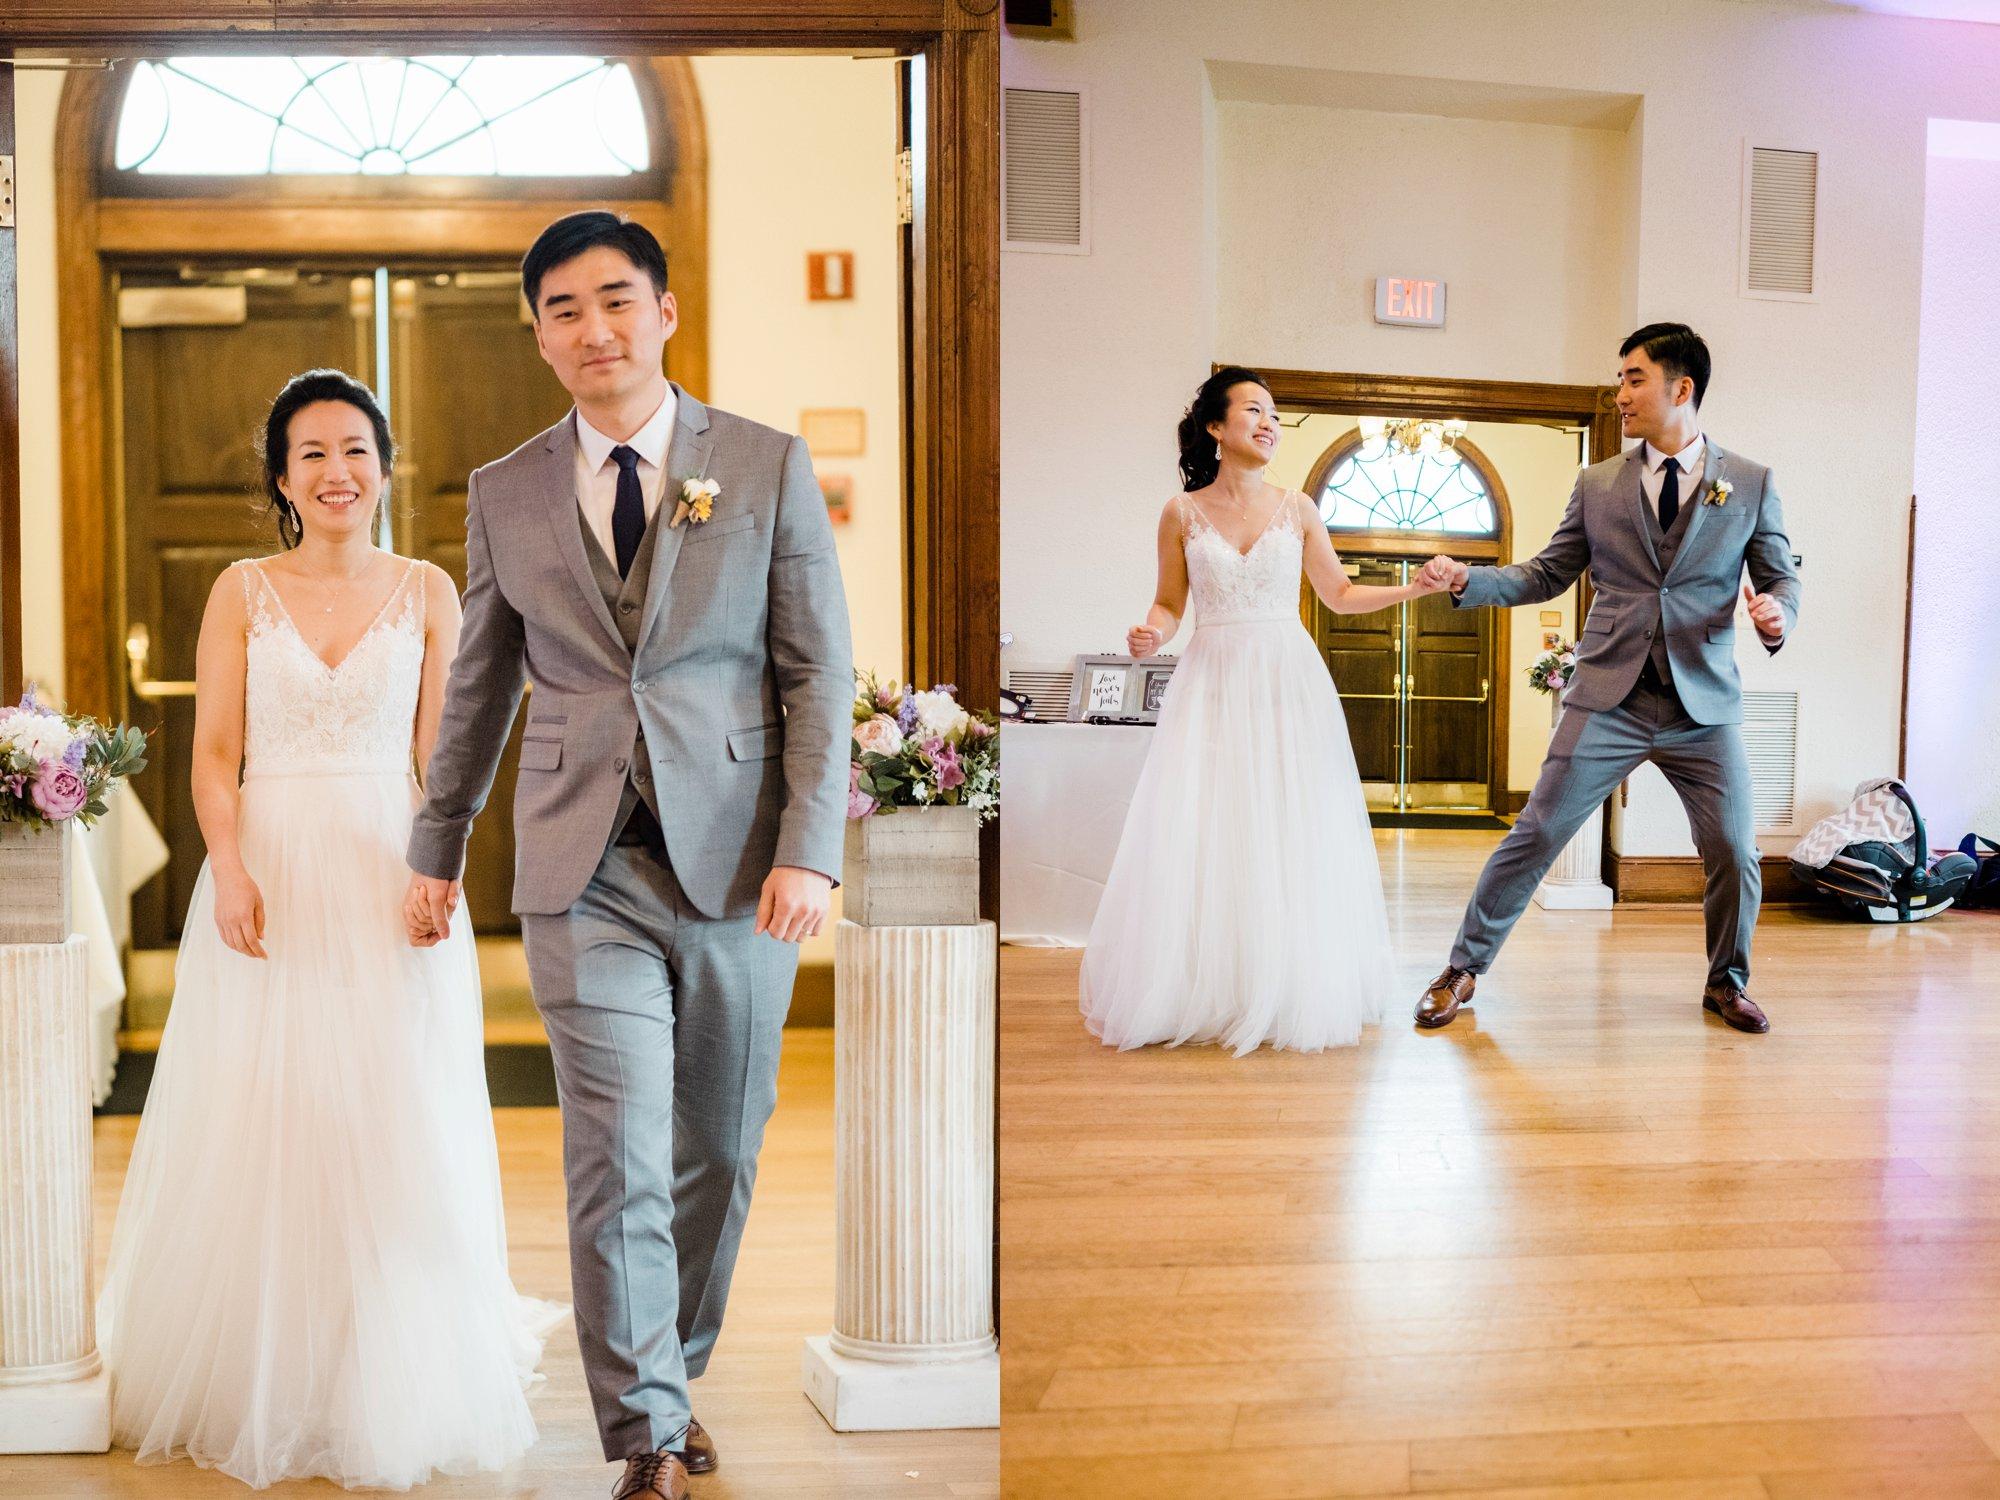 fairfax-dc-wedding-old-city-hall_0140.jpg